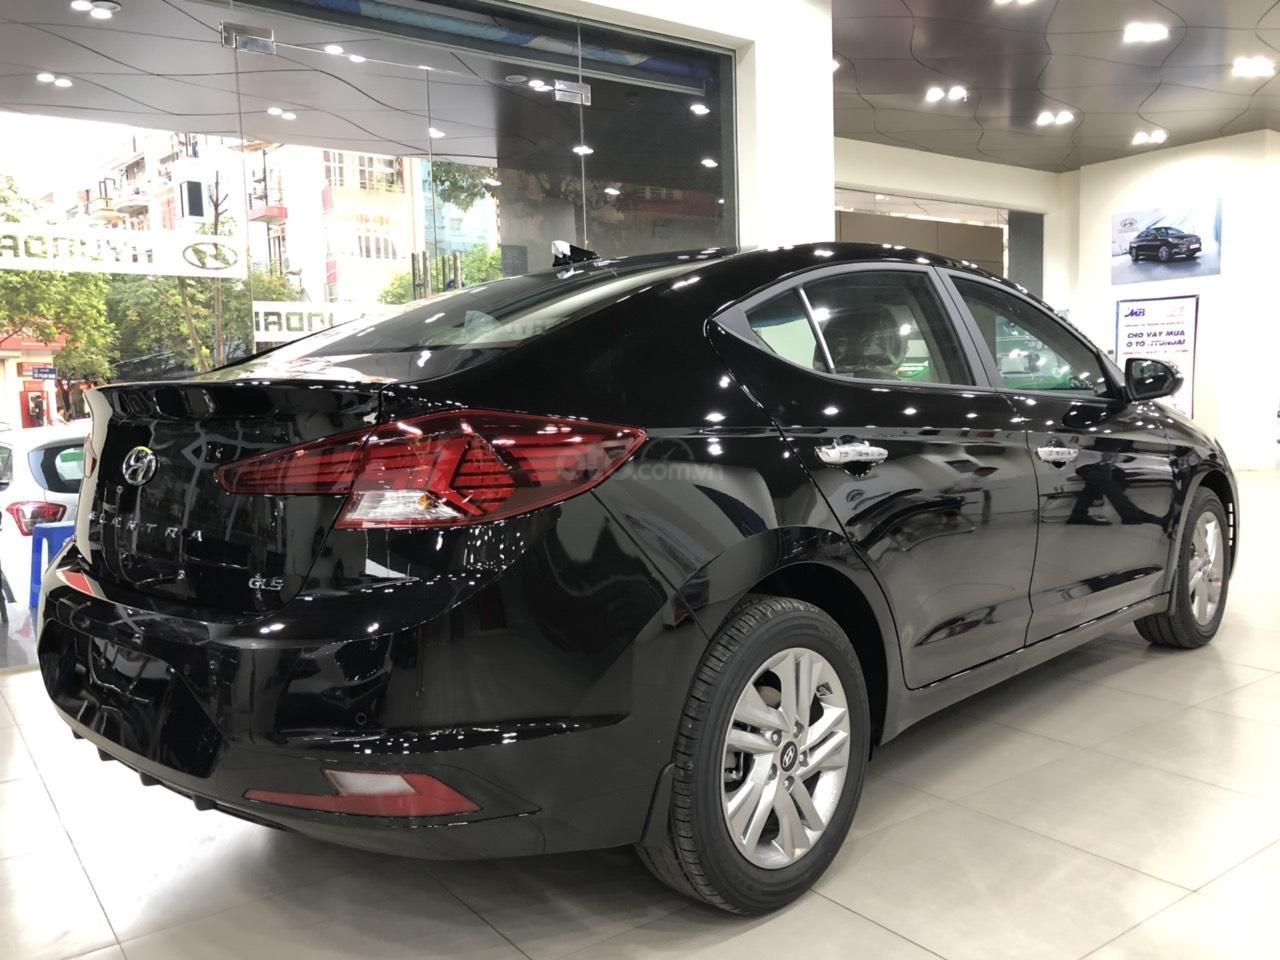 Hyundai Elantra 1.6 AT Facelift new 2019 - KM lên tới 20 triệu - giao ngay - Ms Lan 0919929923 (6)